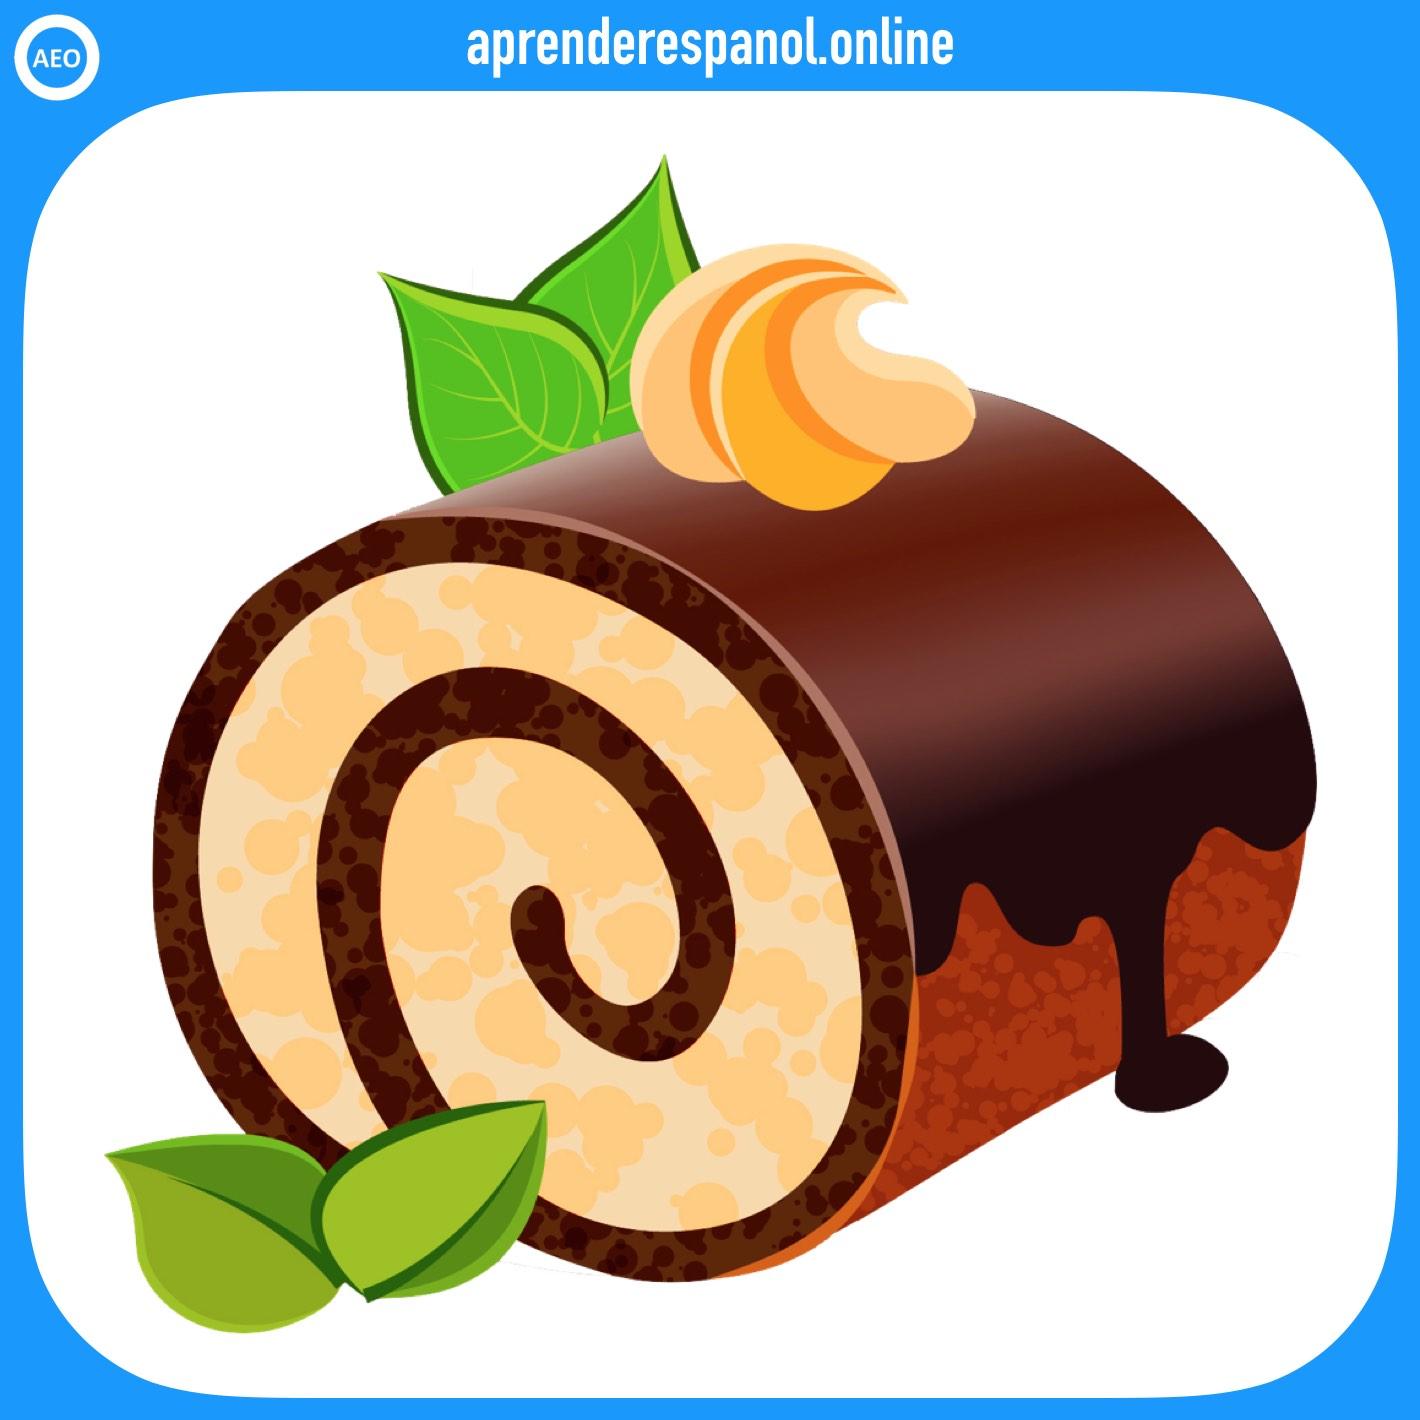 rollo de pastel   postres y dulces en español   vocabulario de los postres en español